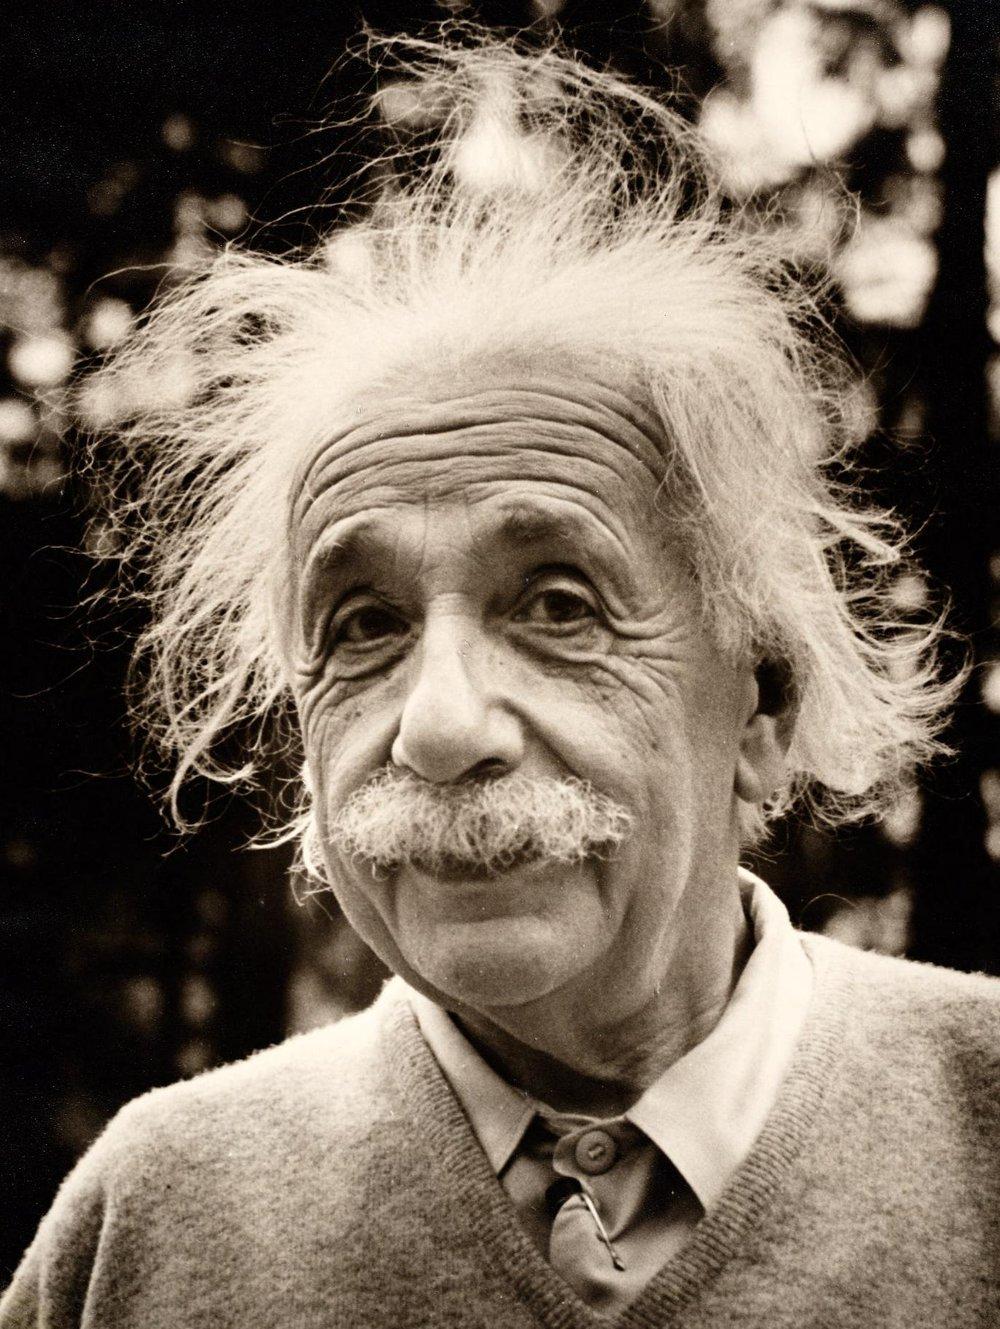 Albert Einstein ft. his crazy hair